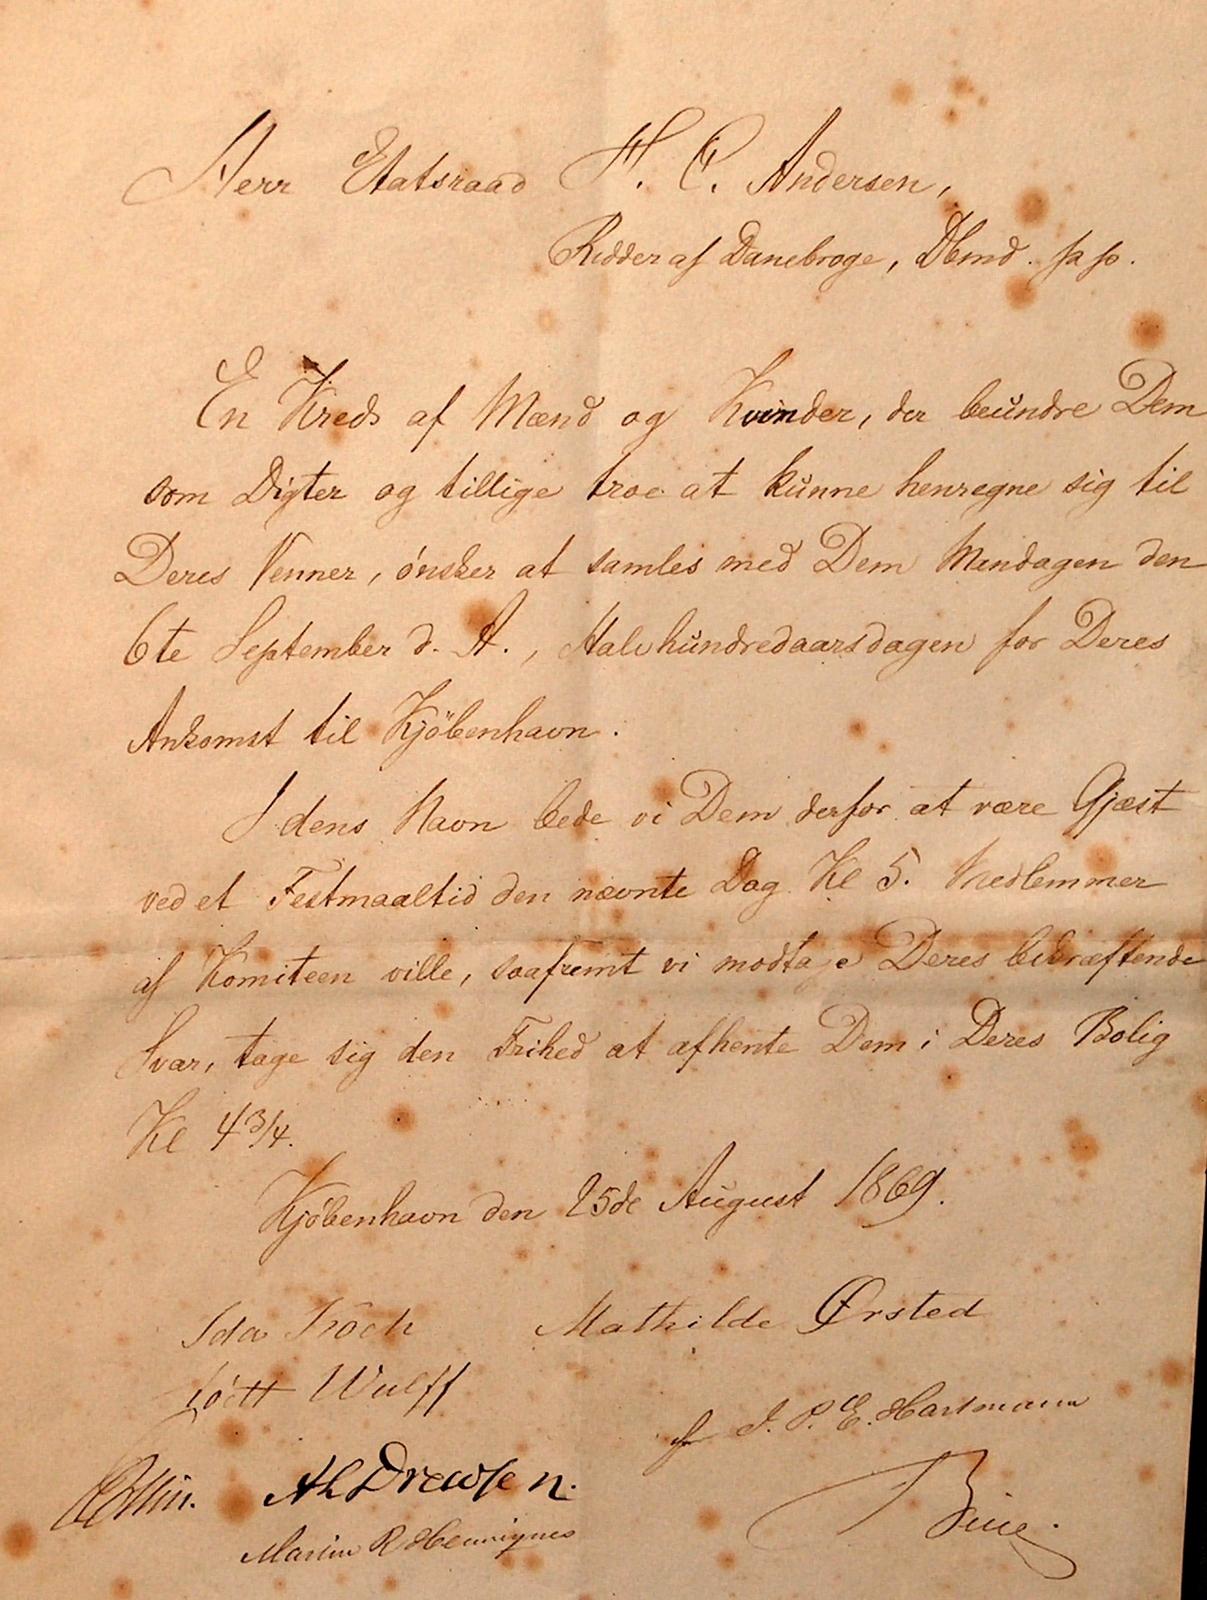 ndbydelse til H.C. Andersen fra festkomiteen 25. august 1869. Foto Lars Bjørnsten Odense